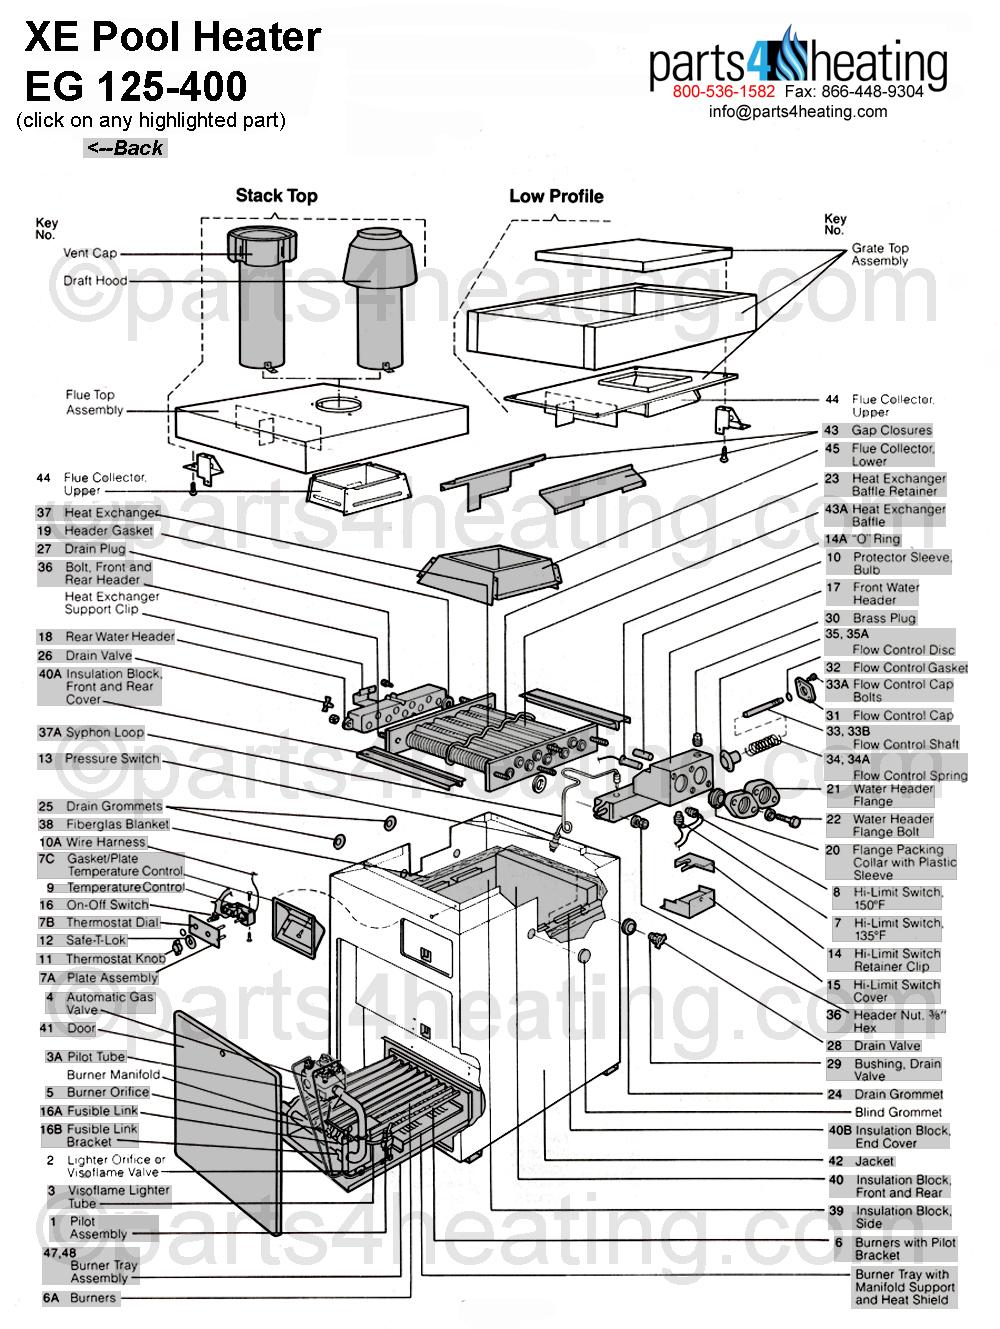 XE Pool Heater EG 125-400